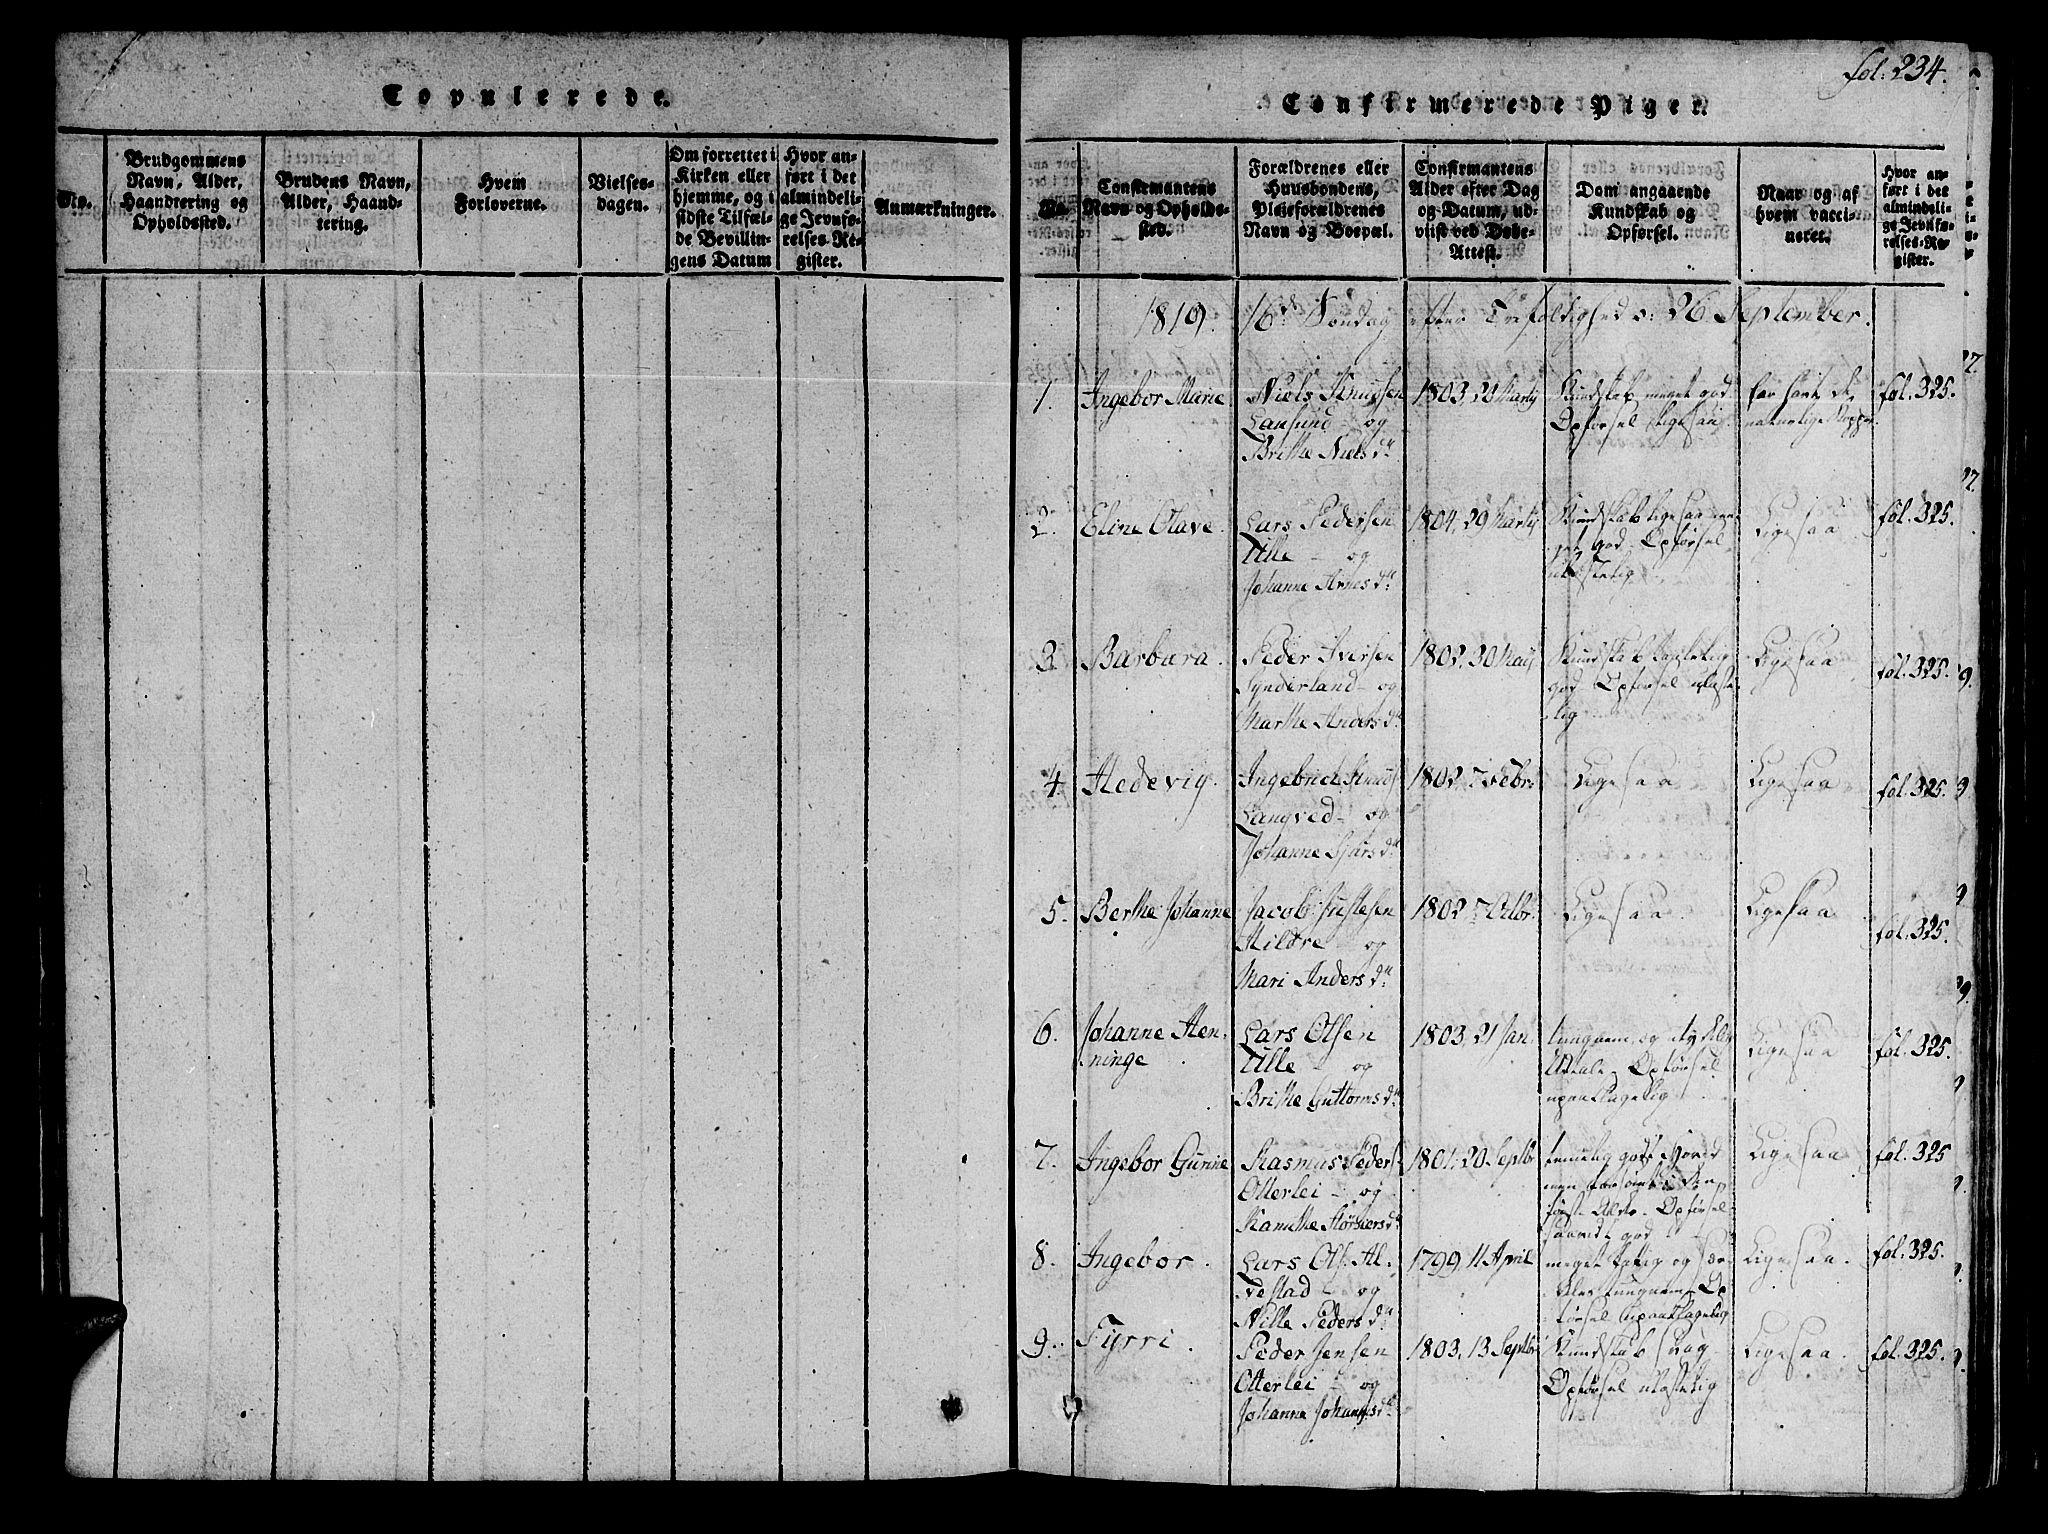 SAT, Ministerialprotokoller, klokkerbøker og fødselsregistre - Møre og Romsdal, 536/L0495: Ministerialbok nr. 536A04, 1818-1847, s. 234